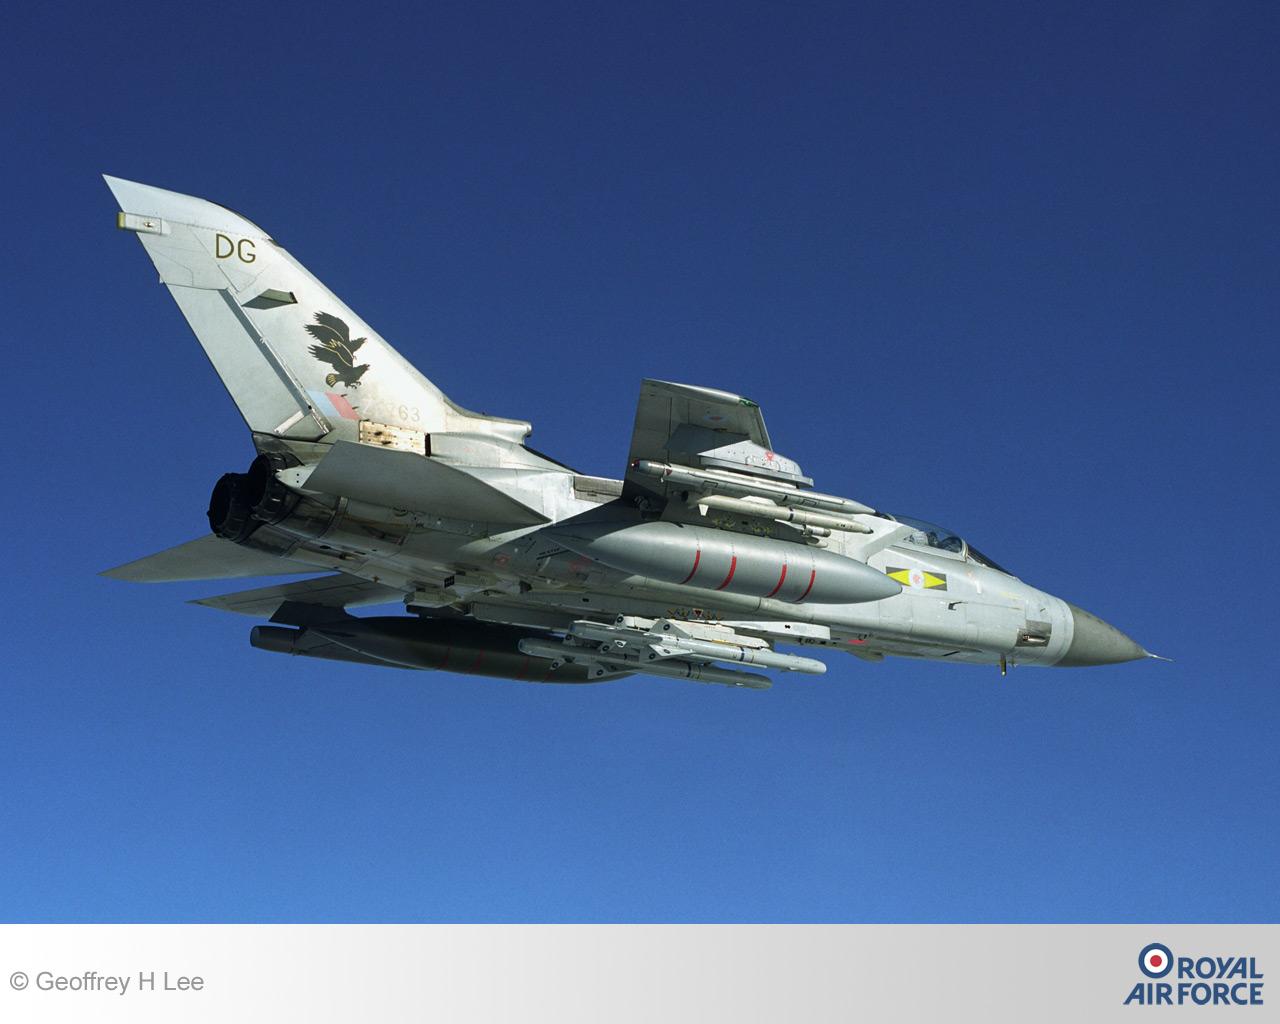 【壁紙】 戦闘機 軍用機 【1280x1024】 : 【壁紙】 戦闘機 攻撃機 爆撃機 【軍用機